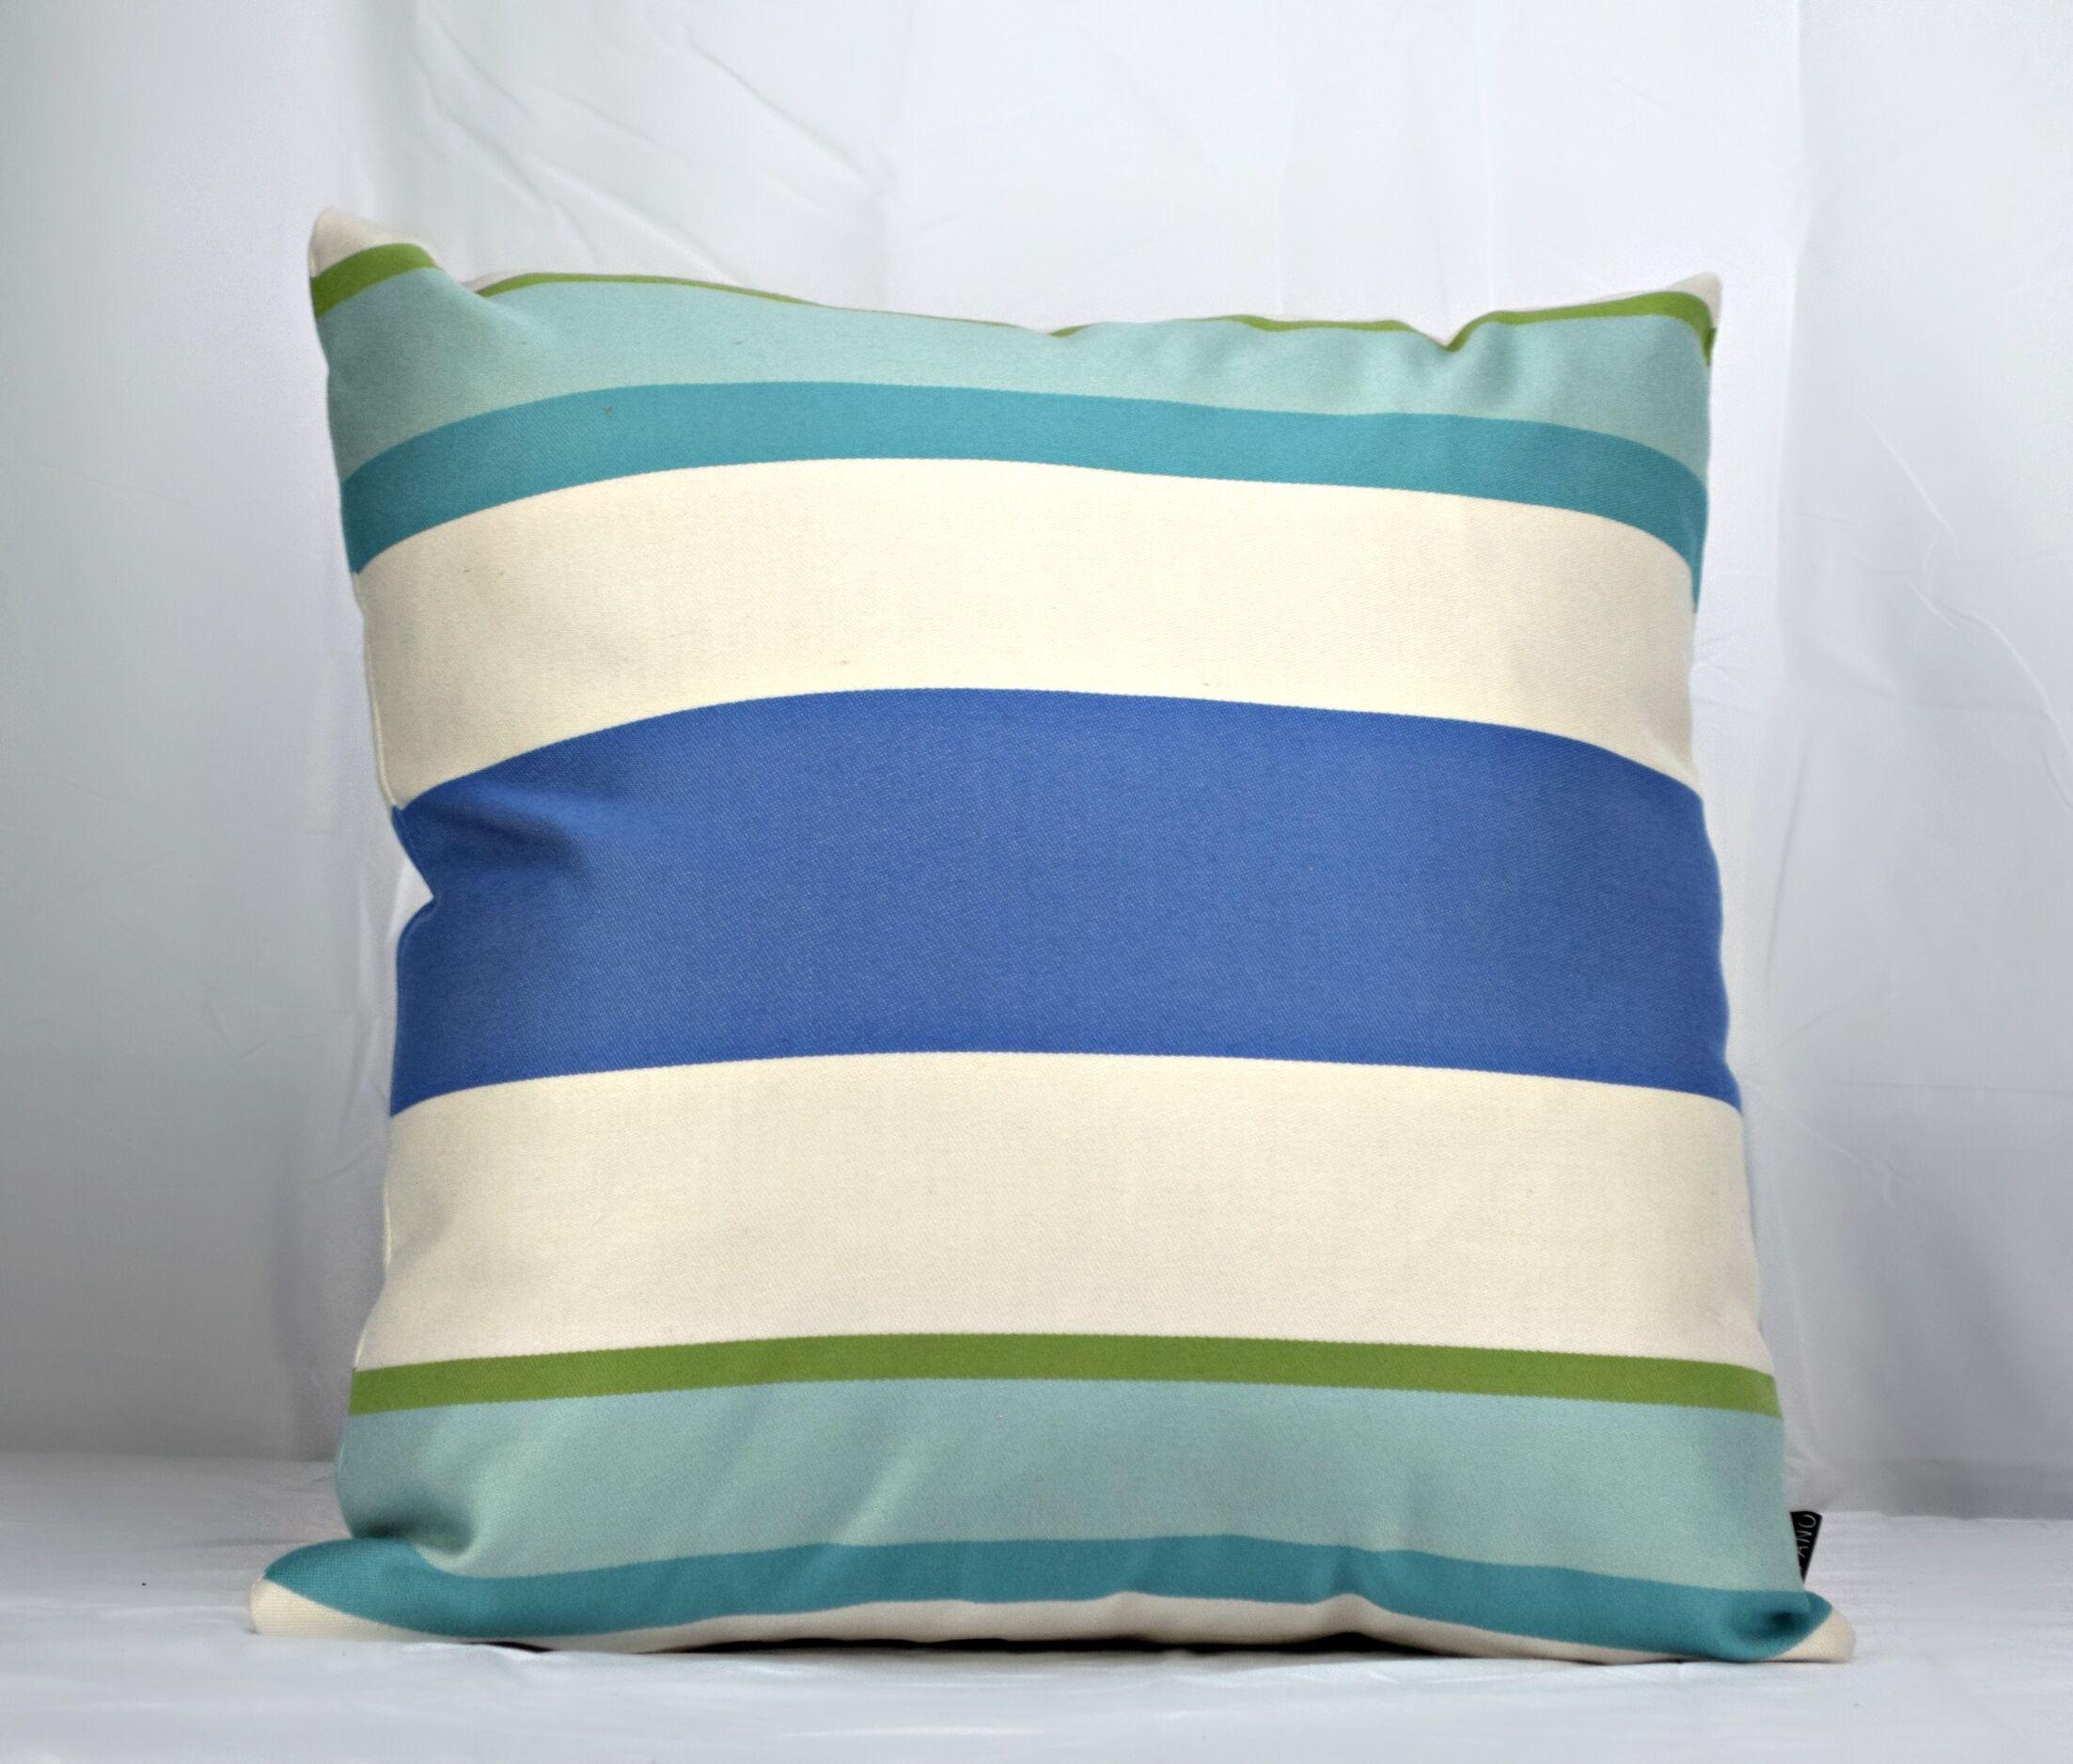 Cueva Stripe Sky Sunbrella Indoor/Outdoor Throw Pillow